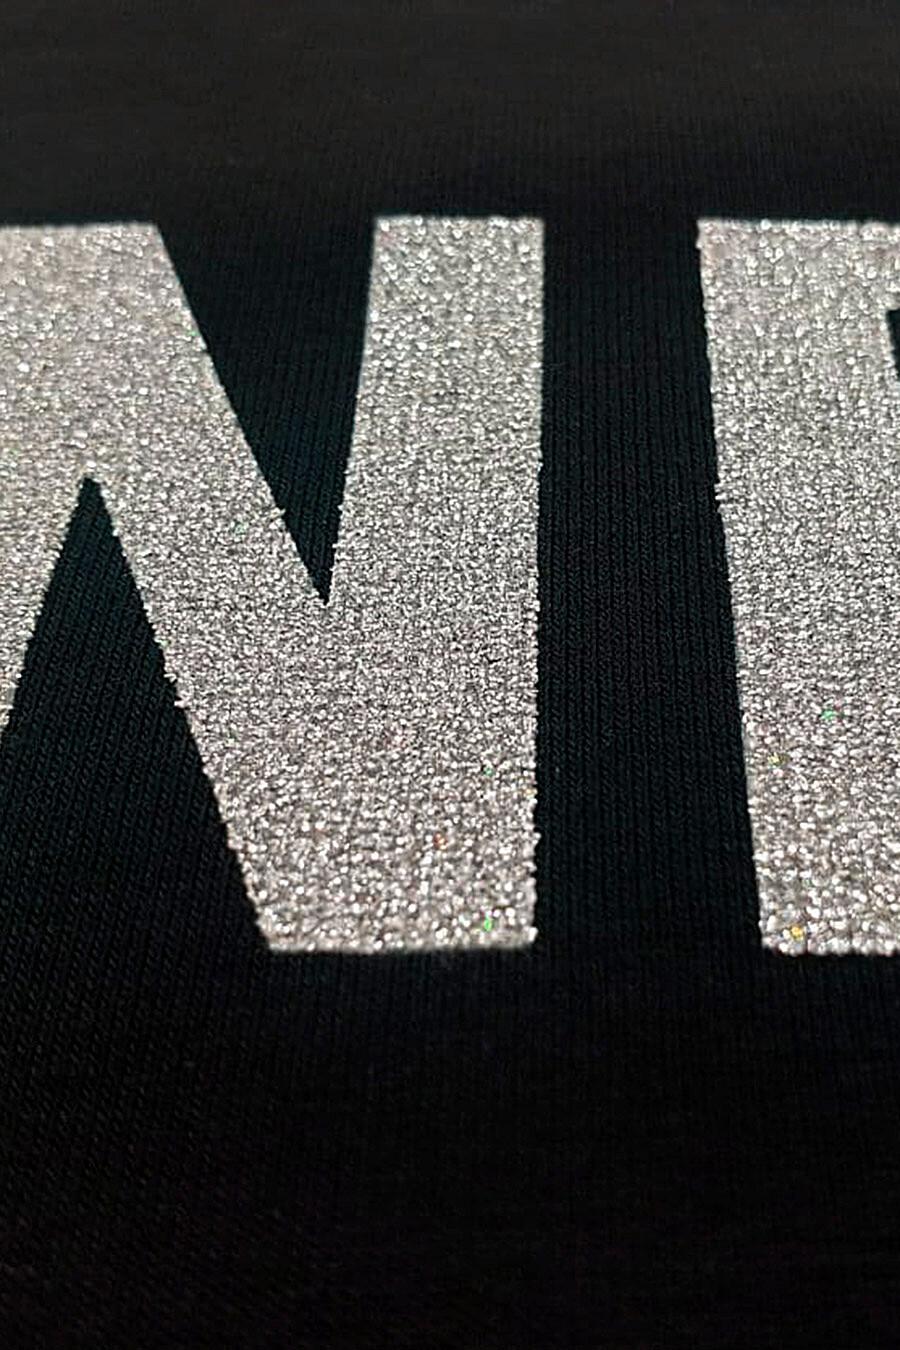 Футболка для женщин VILATTE 707538 купить оптом от производителя. Совместная покупка женской одежды в OptMoyo